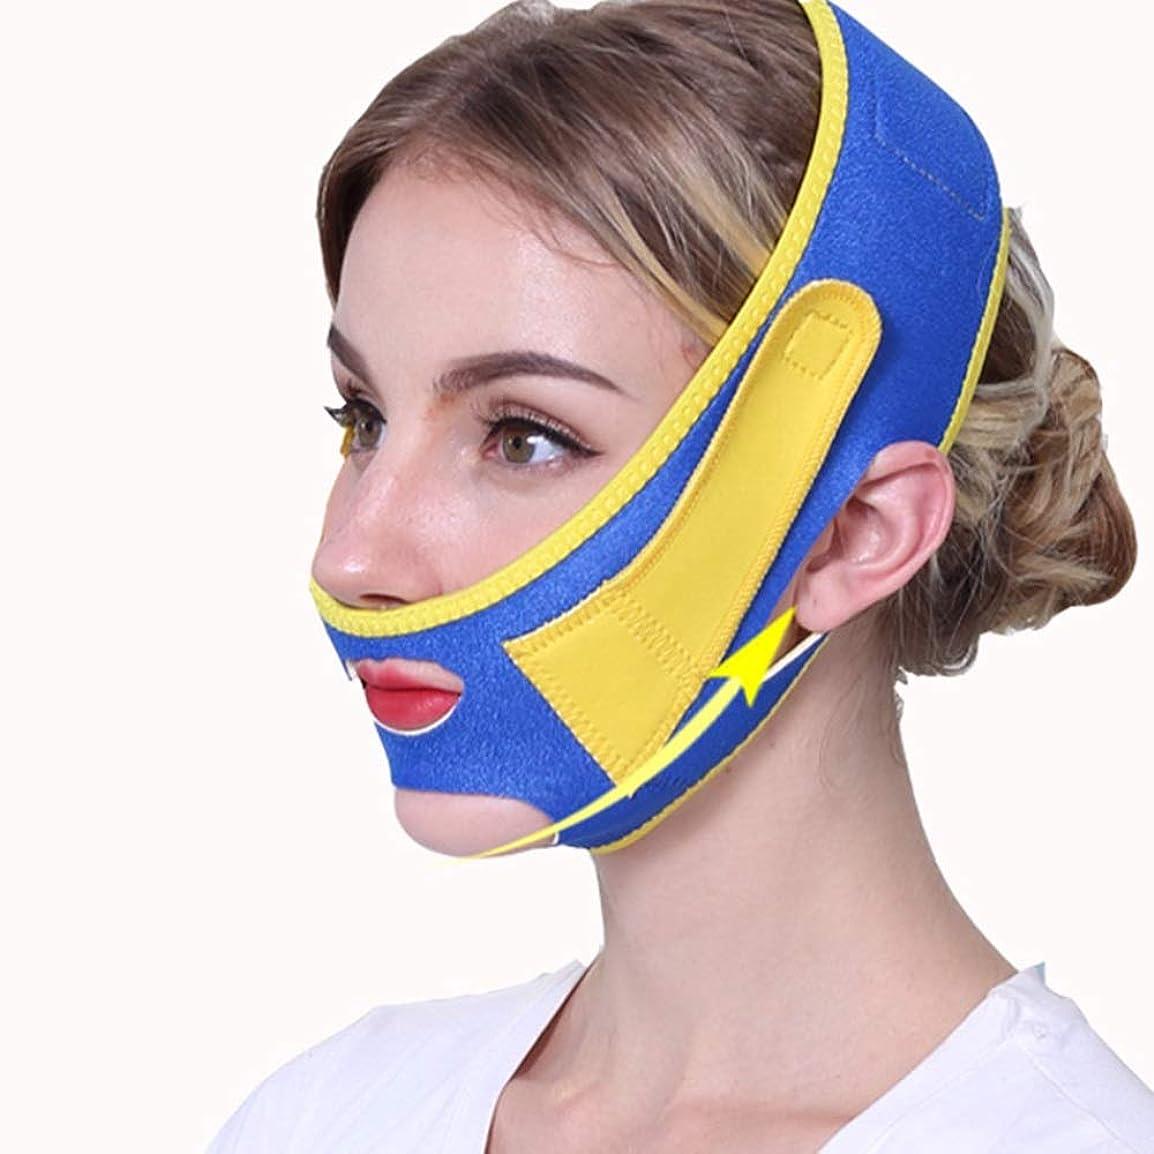 忙しい見込みゆでるMinmin フェイシャルリフティング痩身ベルトフェイス包帯マスク整形マスクフェイスベルトを引き締める薄型フェイス包帯整形マスクフェイスと首の顔を引き締めスリム みんみんVラインフェイスマスク